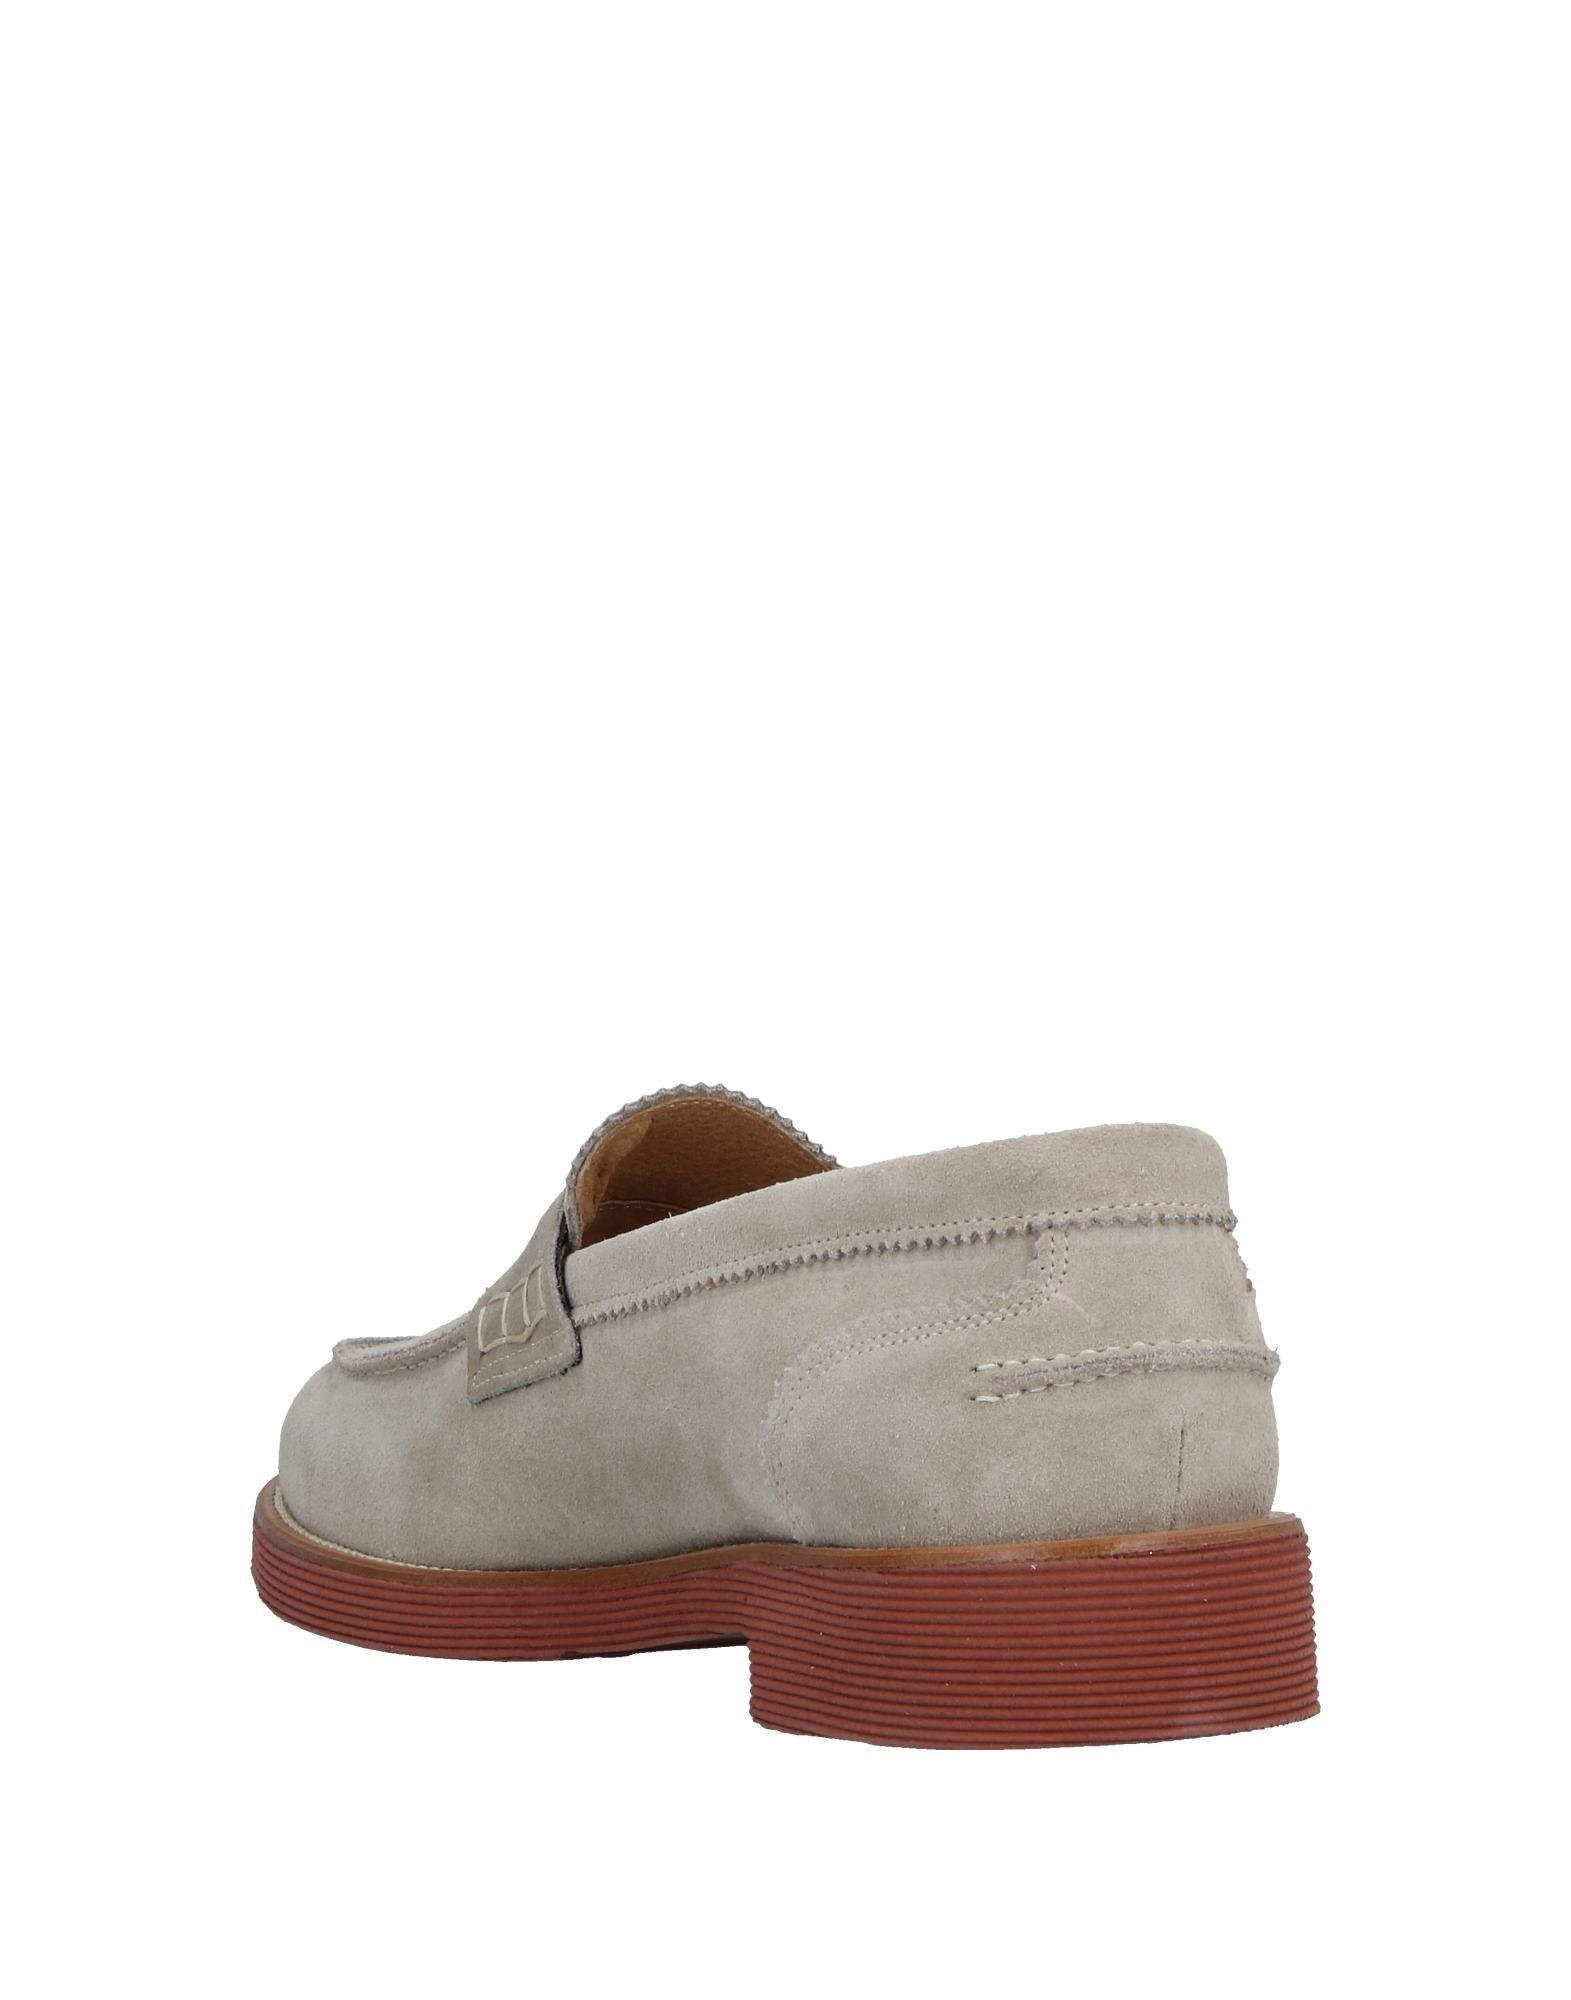 Rabatt echte Schuhe Herren Eredi Del Duca Mokassins Herren Schuhe  11498520QD 3f2ece